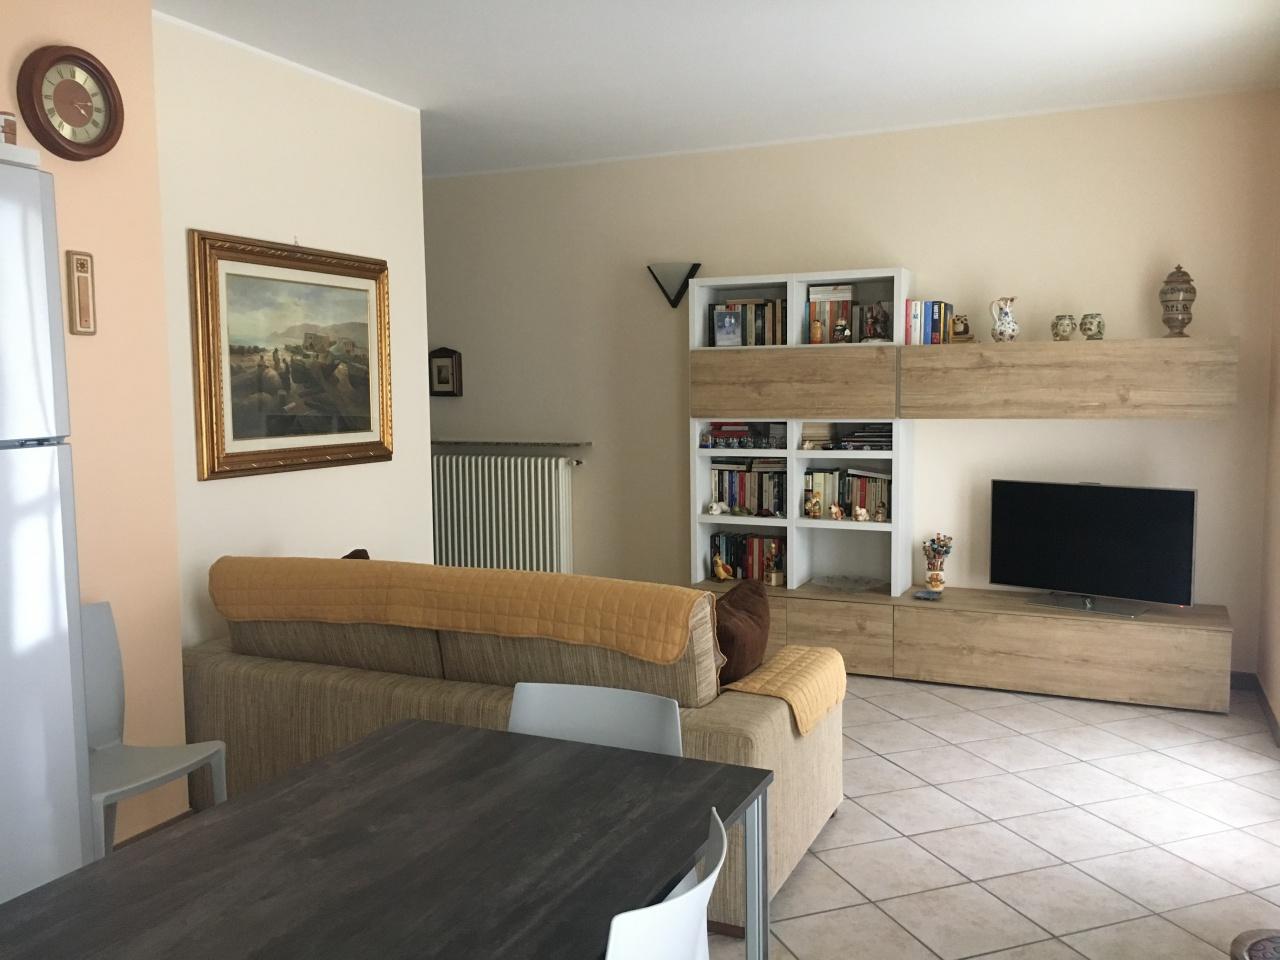 Appartamento in vendita a Gragnano Trebbiense, 2 locali, prezzo € 90.000 | PortaleAgenzieImmobiliari.it